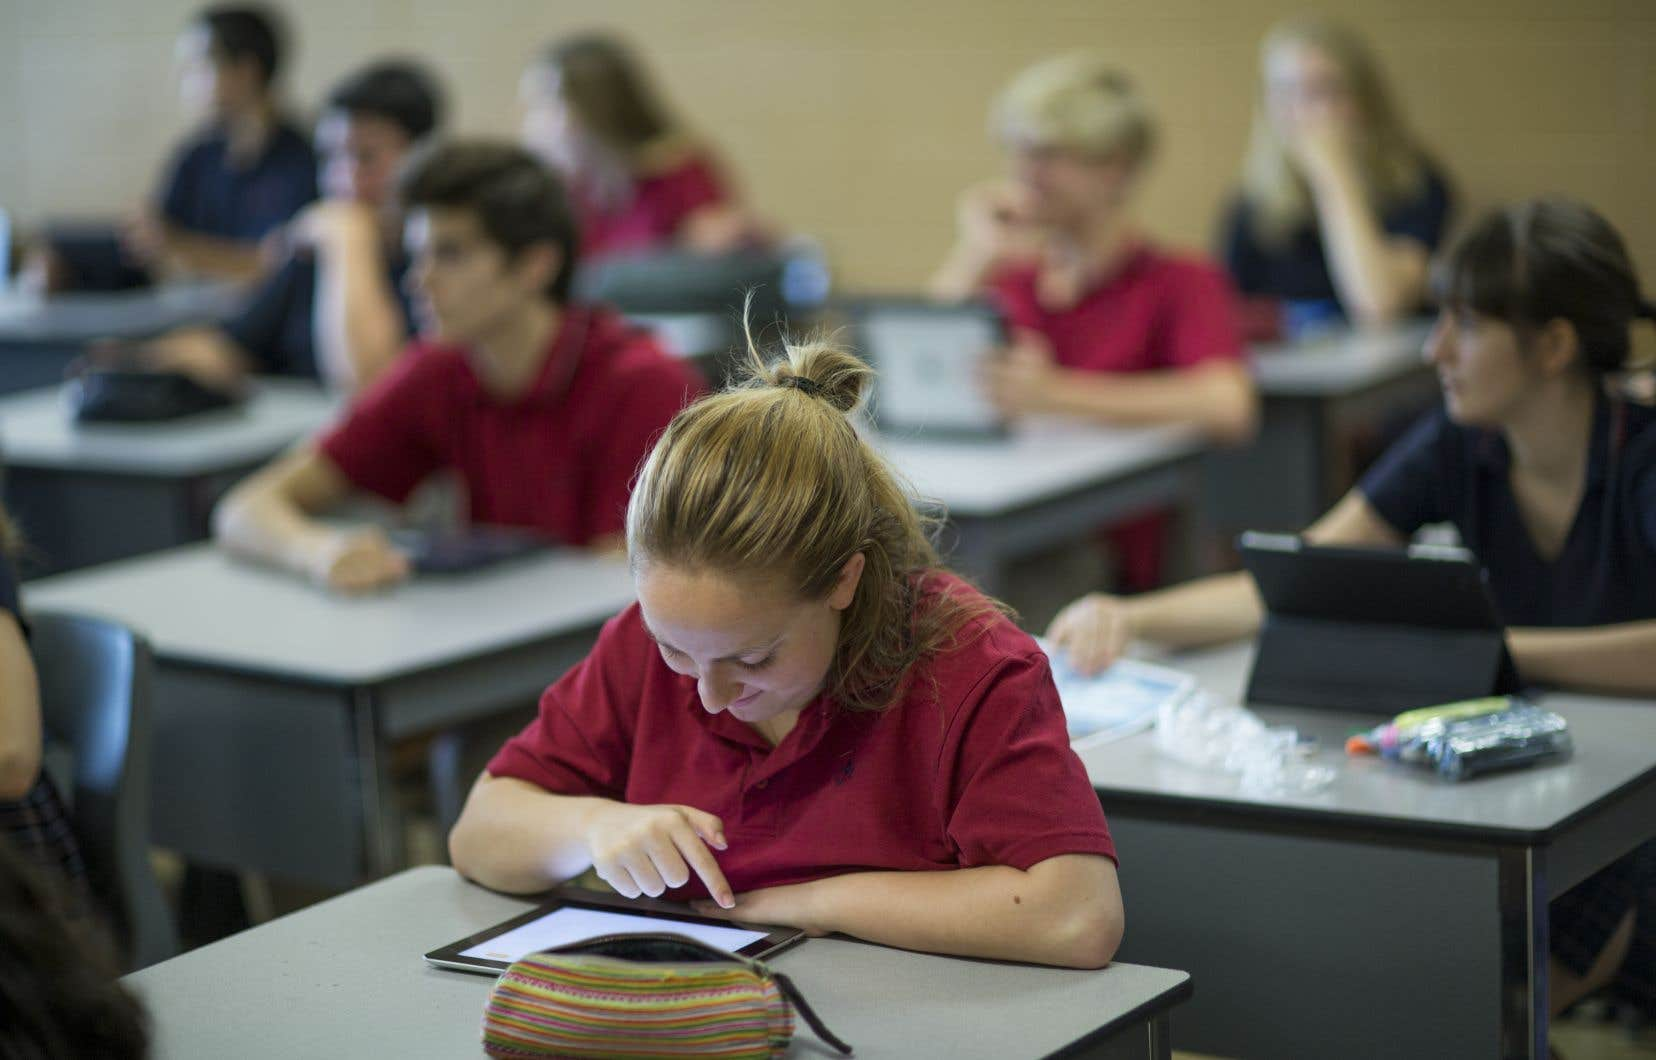 Doit-on retirer la tablette des écoles secondaires?